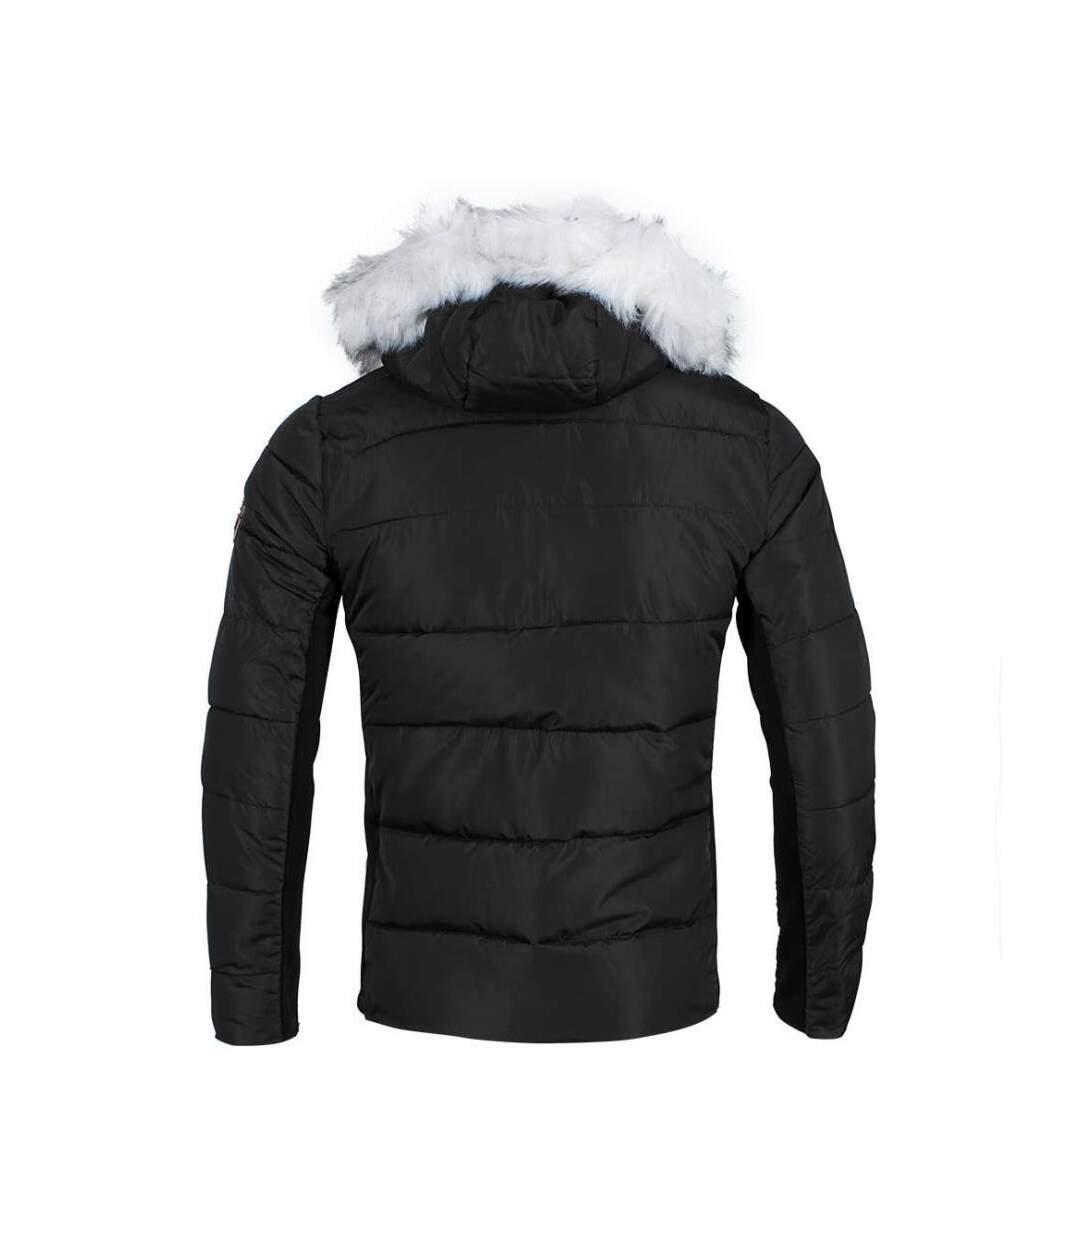 Parka Noire Homme Hite Couture Nator